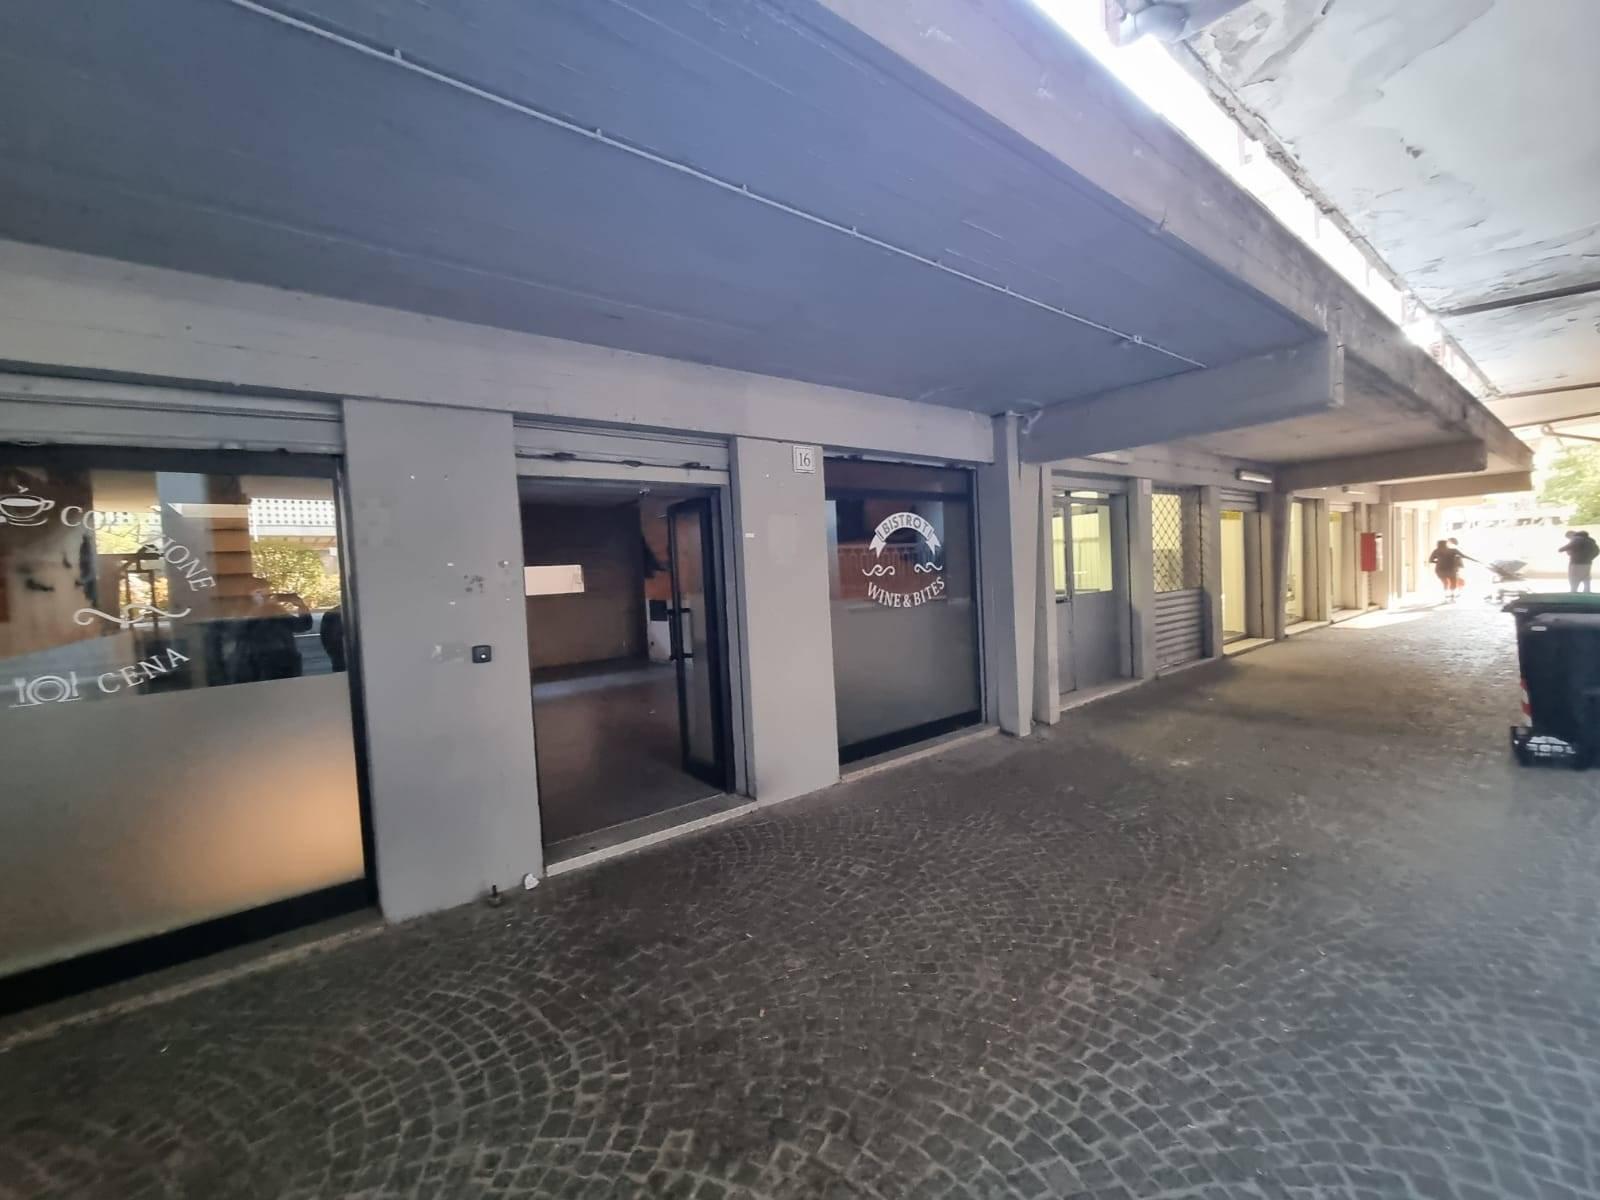 Casal de Pazzi Via Adriano Fiori proponiamo in affitto locale C/1 di 100 mq su inico livello con tre vetrine su strada e canna fumaria, tre bagni e